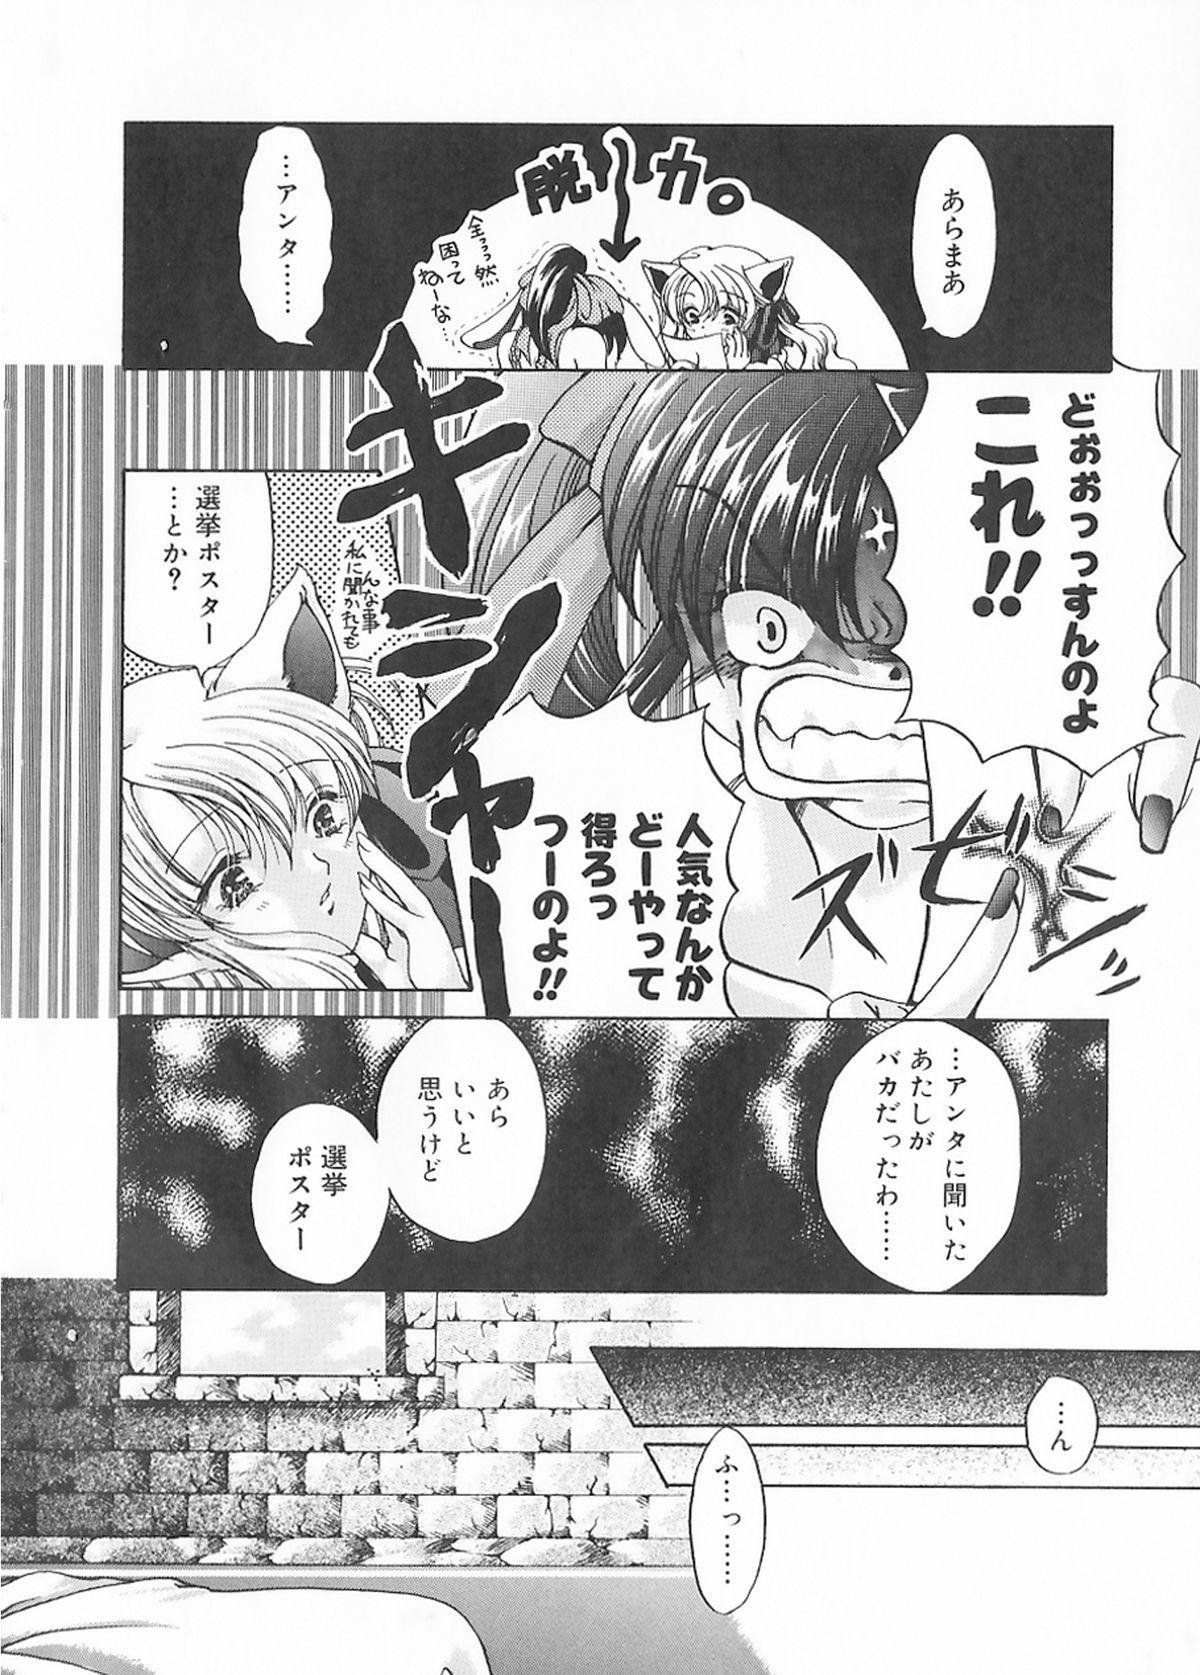 Cream Tengoku - Shinsouban 206